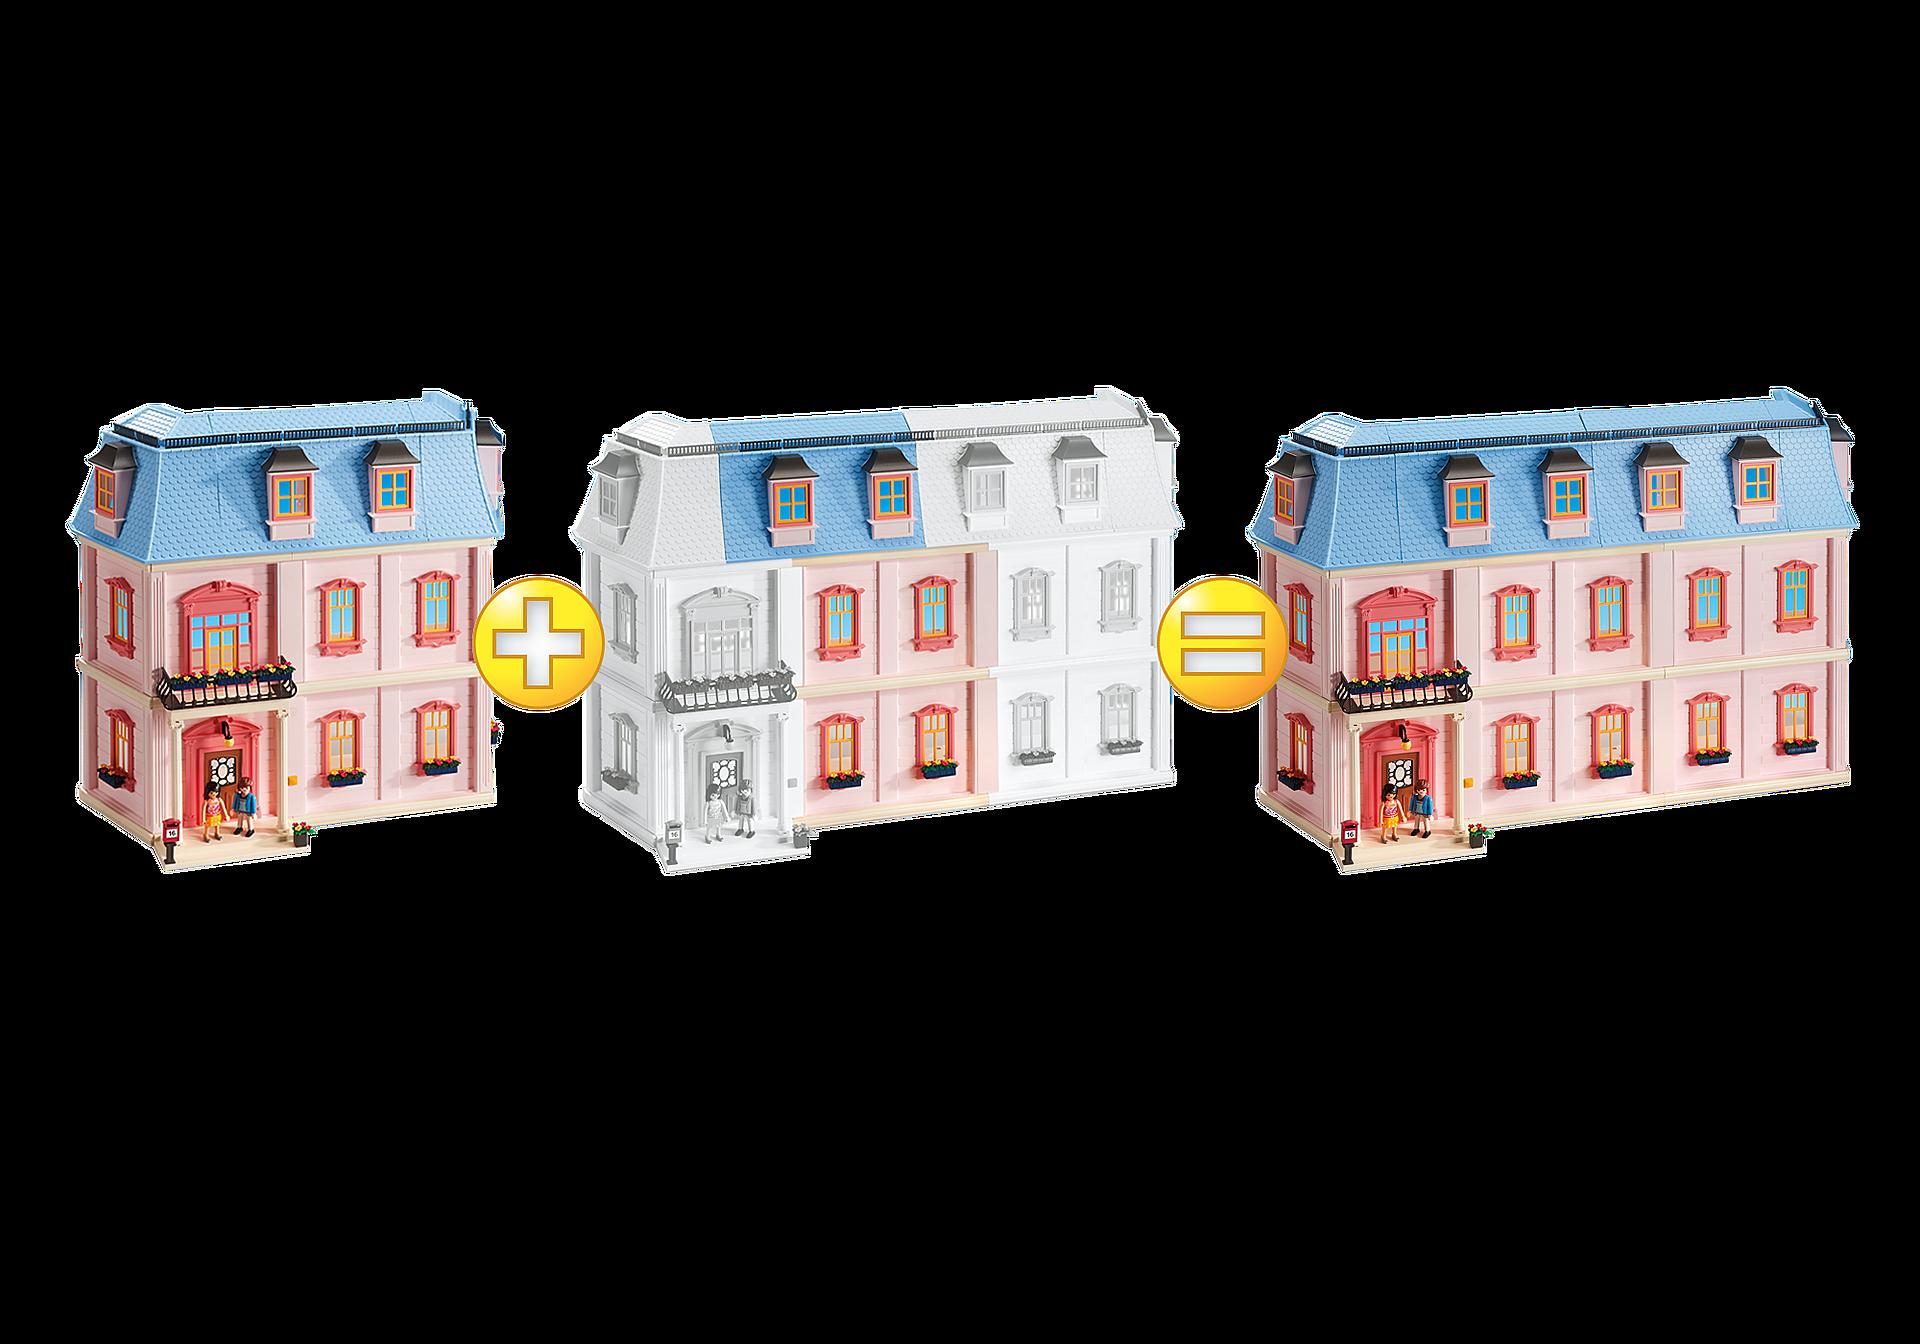 http://media.playmobil.com/i/playmobil/6452_product_extra1/Romantiskt dockhus, utbyggnad A